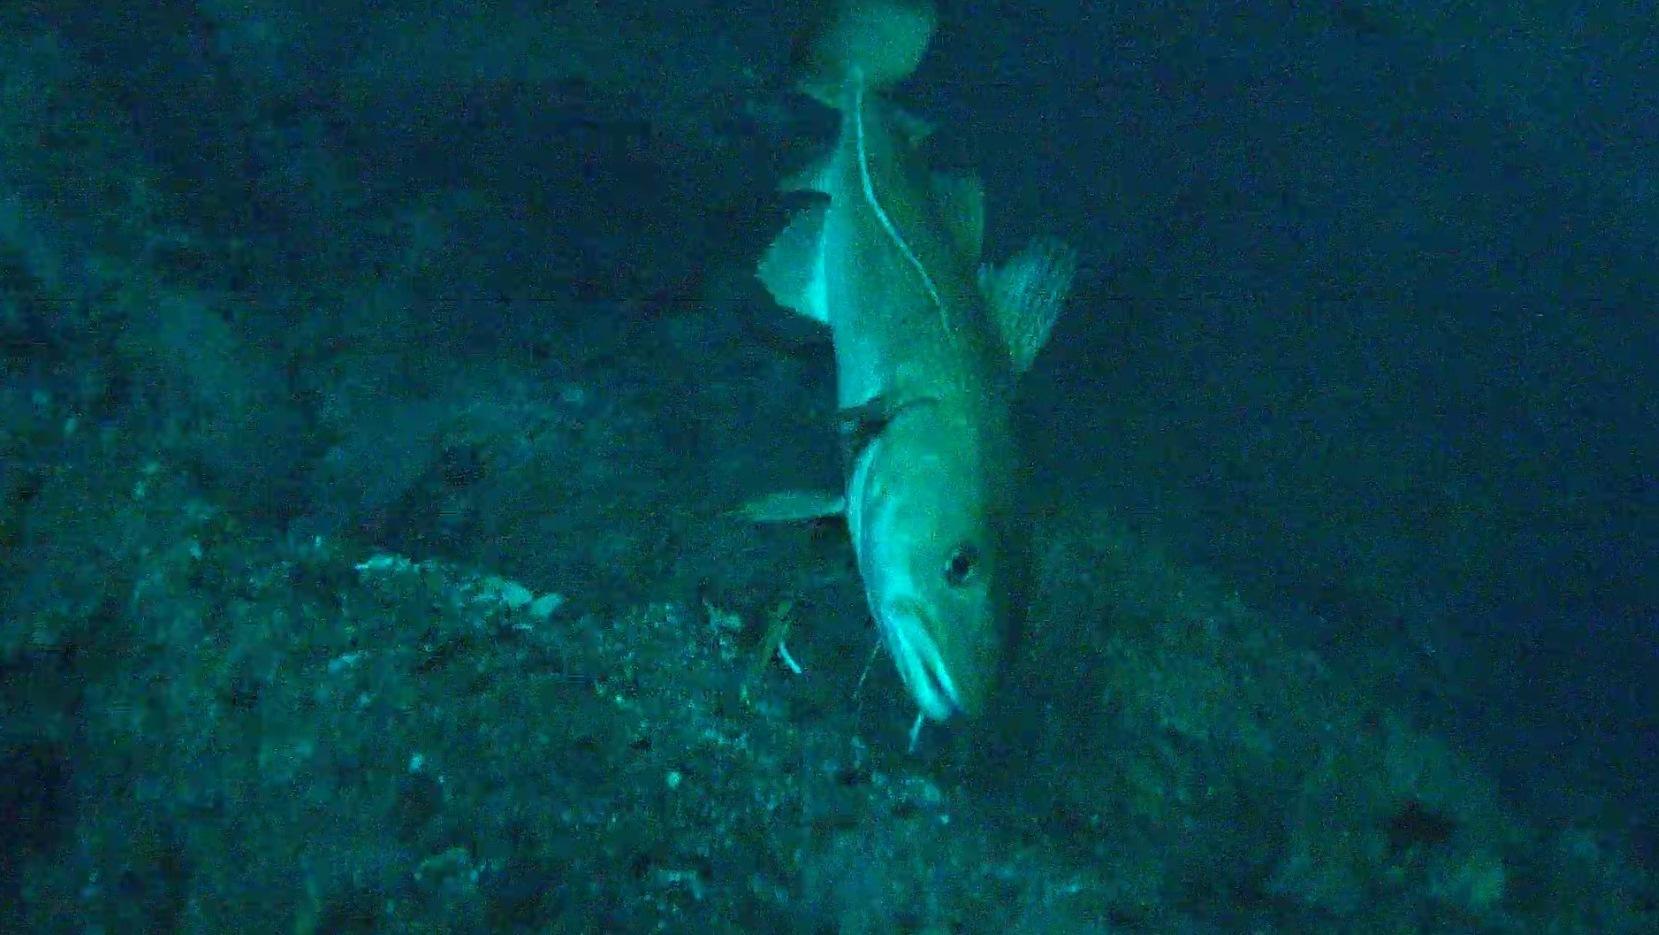 Neues Video — Unterwasseraufnahmen aus dem Nordatlantik